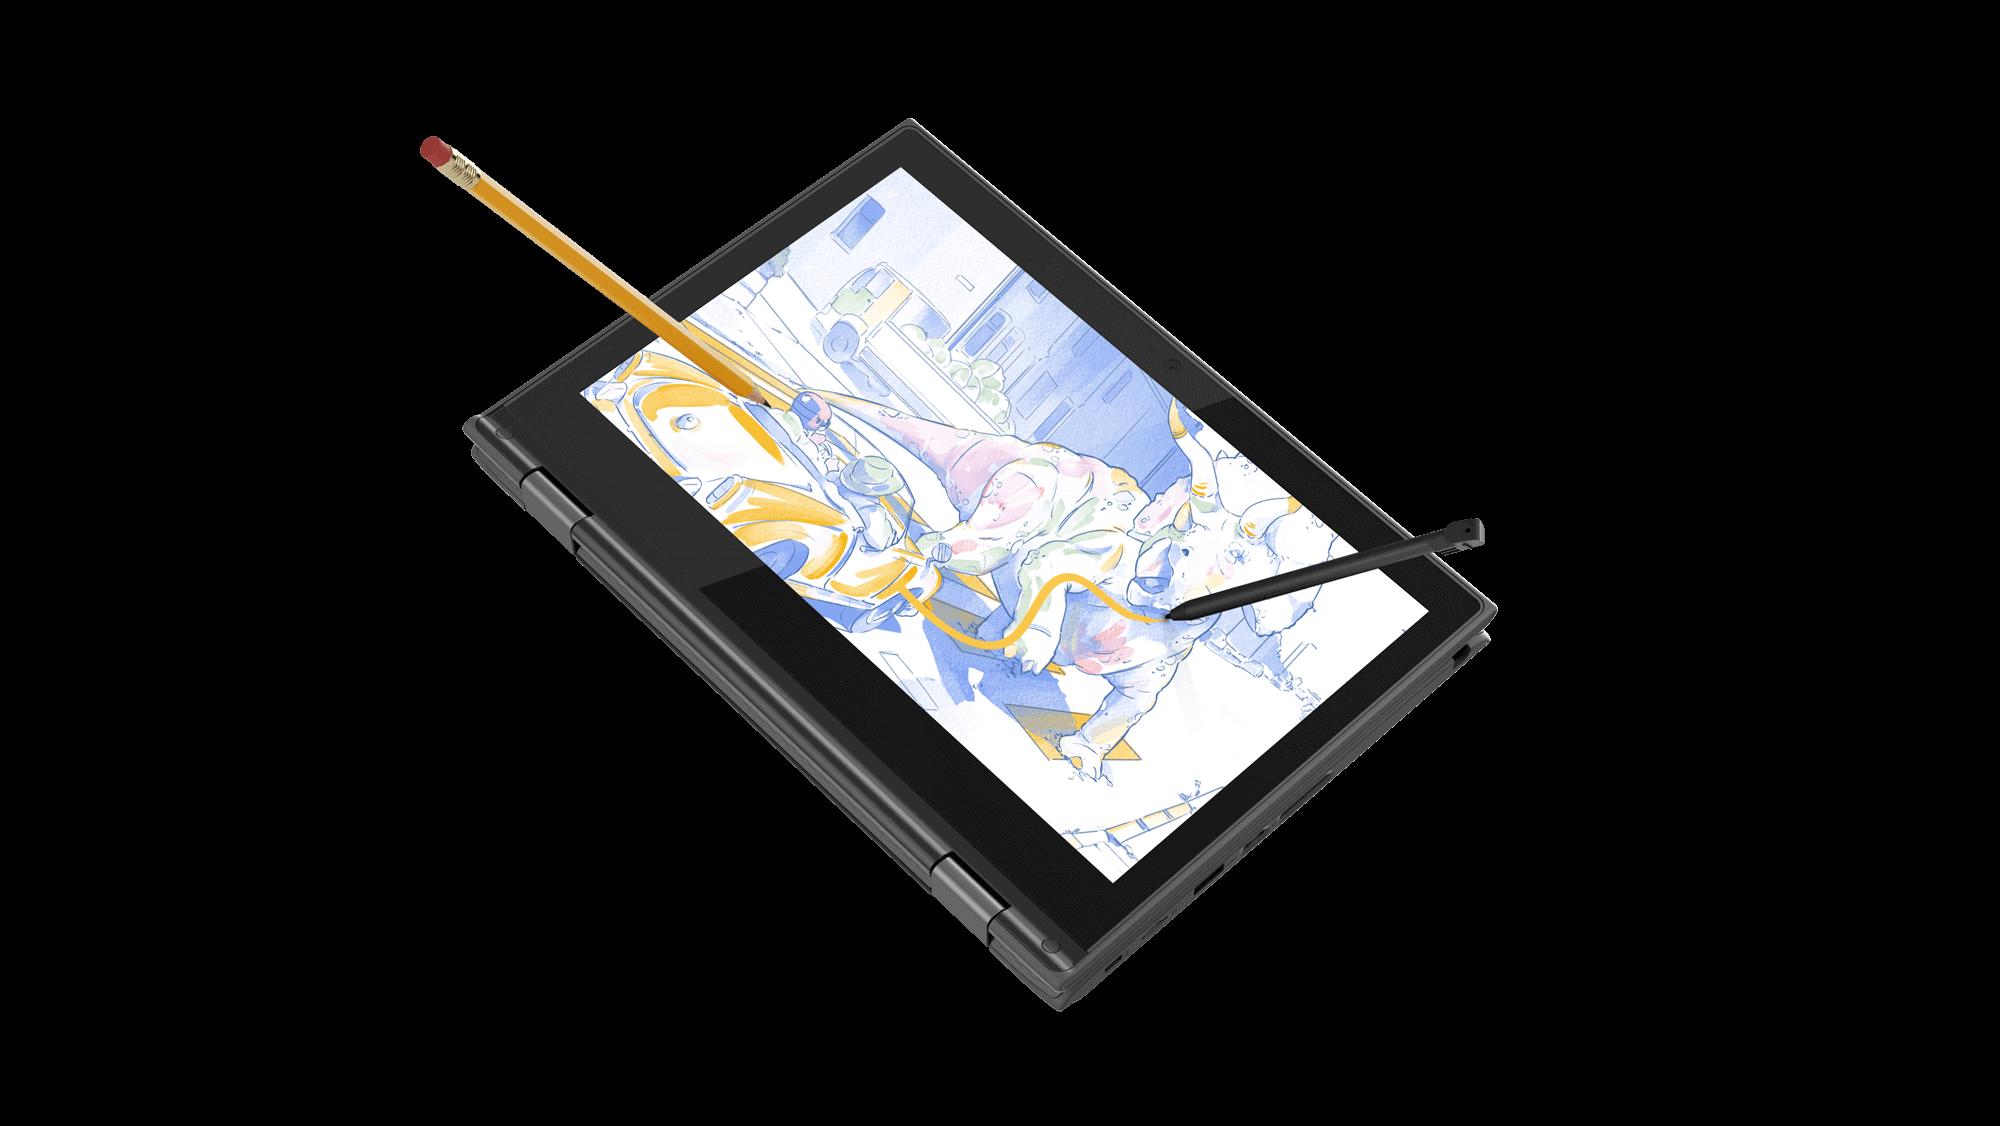 jp-news-Lenovo-300e-Chromebook-2nd-0303